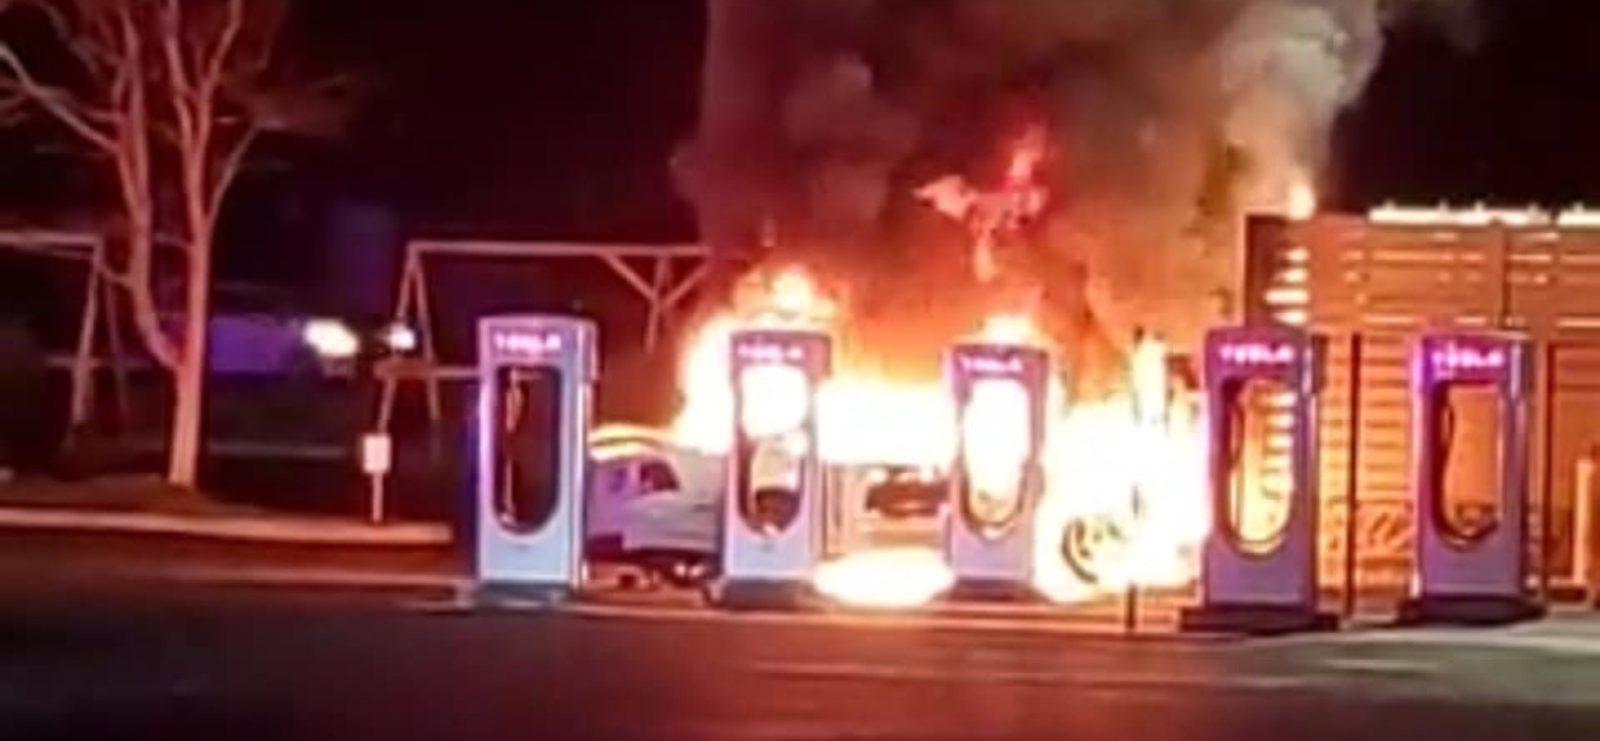 Tesla Supercharger station partly destroyed by car engine fire after drunk driving crash